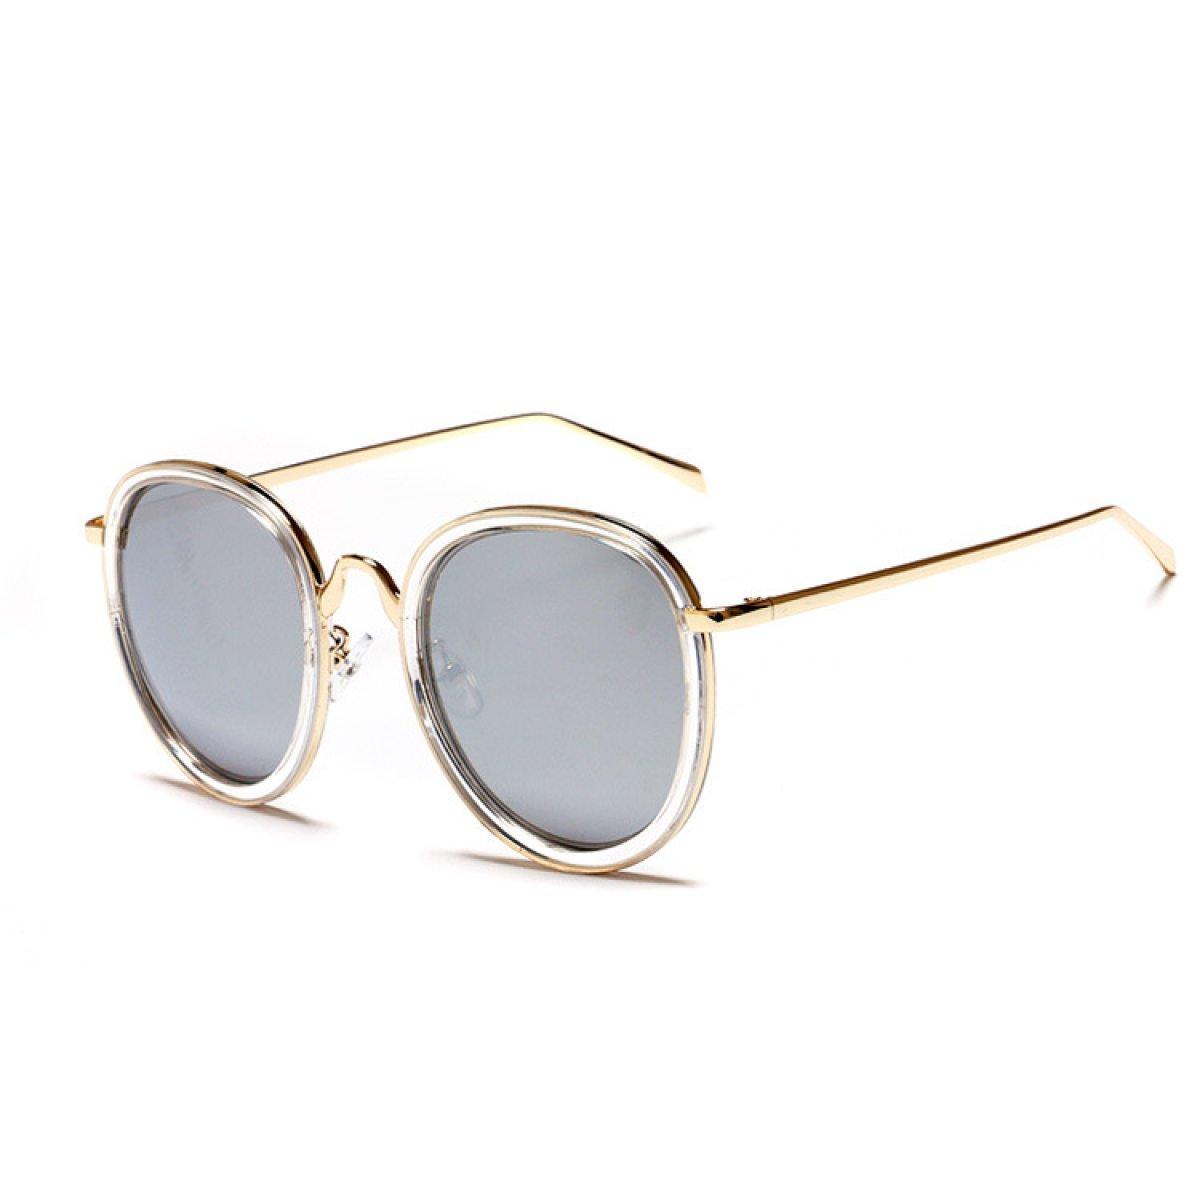 WKAIJC Retro Modisch Stilvoll Personalisiert Bequem Anspruchsvoll Kreativ Farbfilm Sonnenbrillen,D